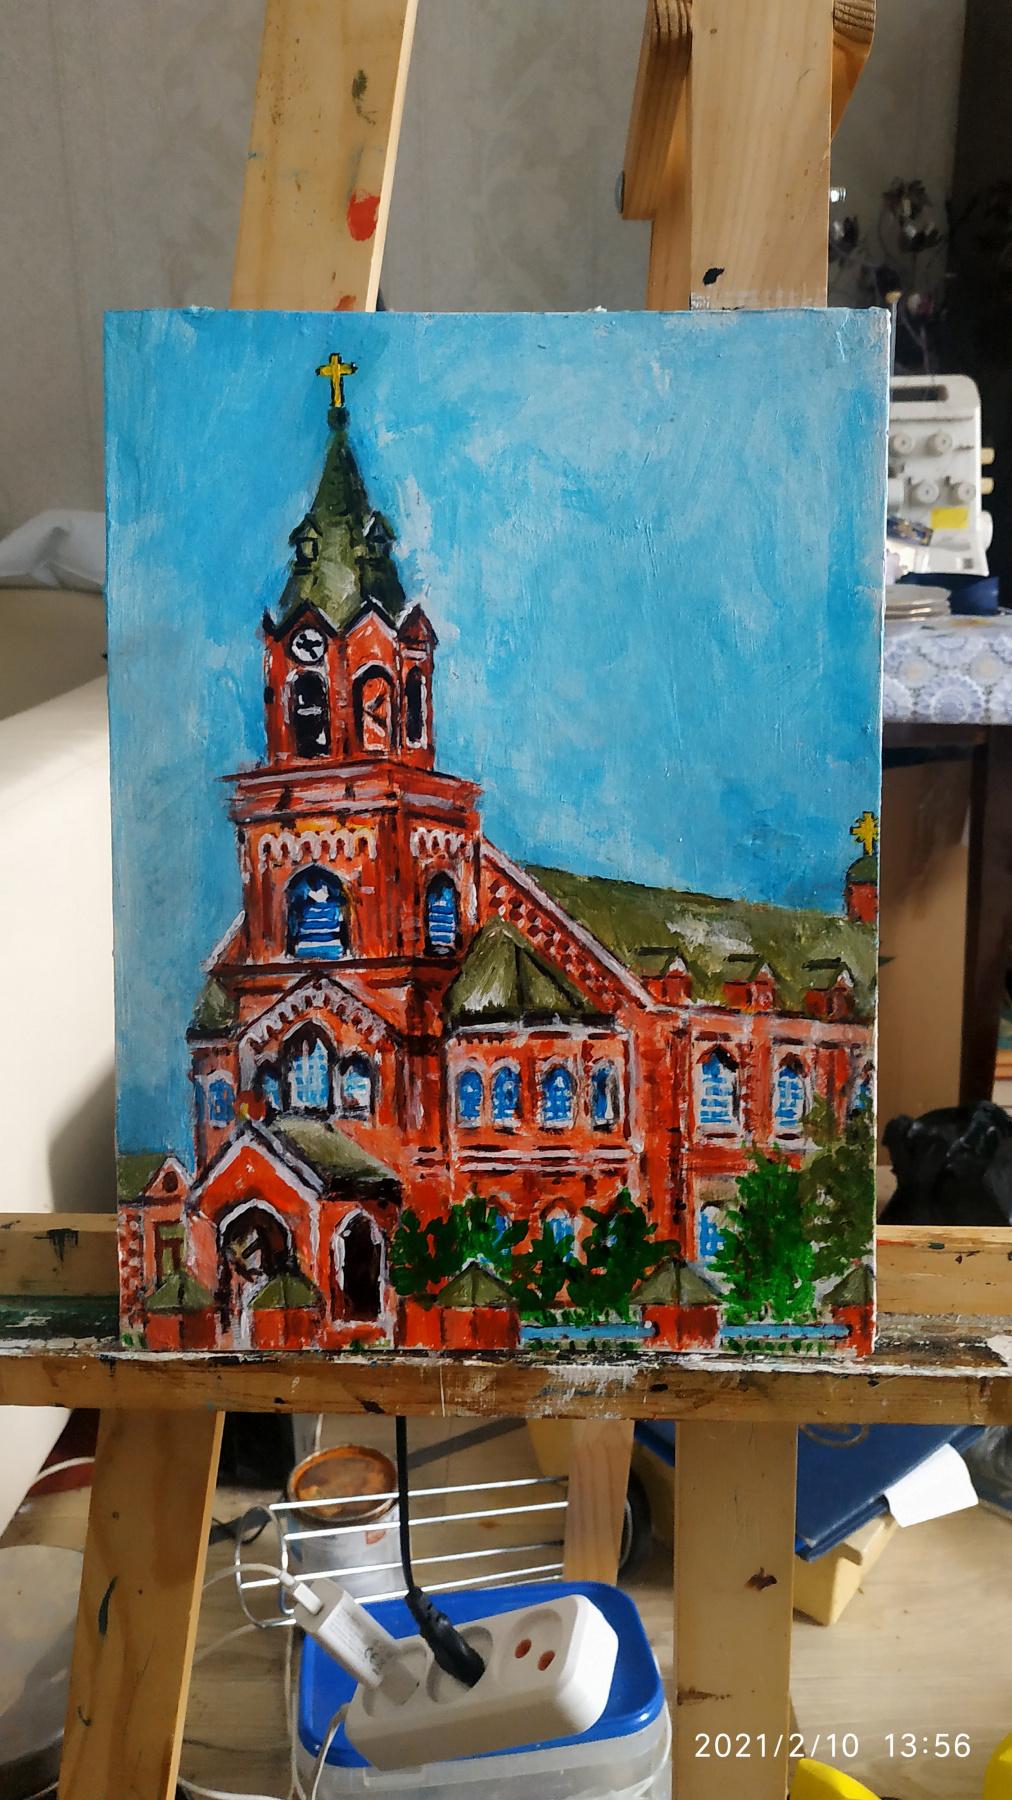 Weilert. Lipovka village German colony Schaefer Lutheran church, reconstruction